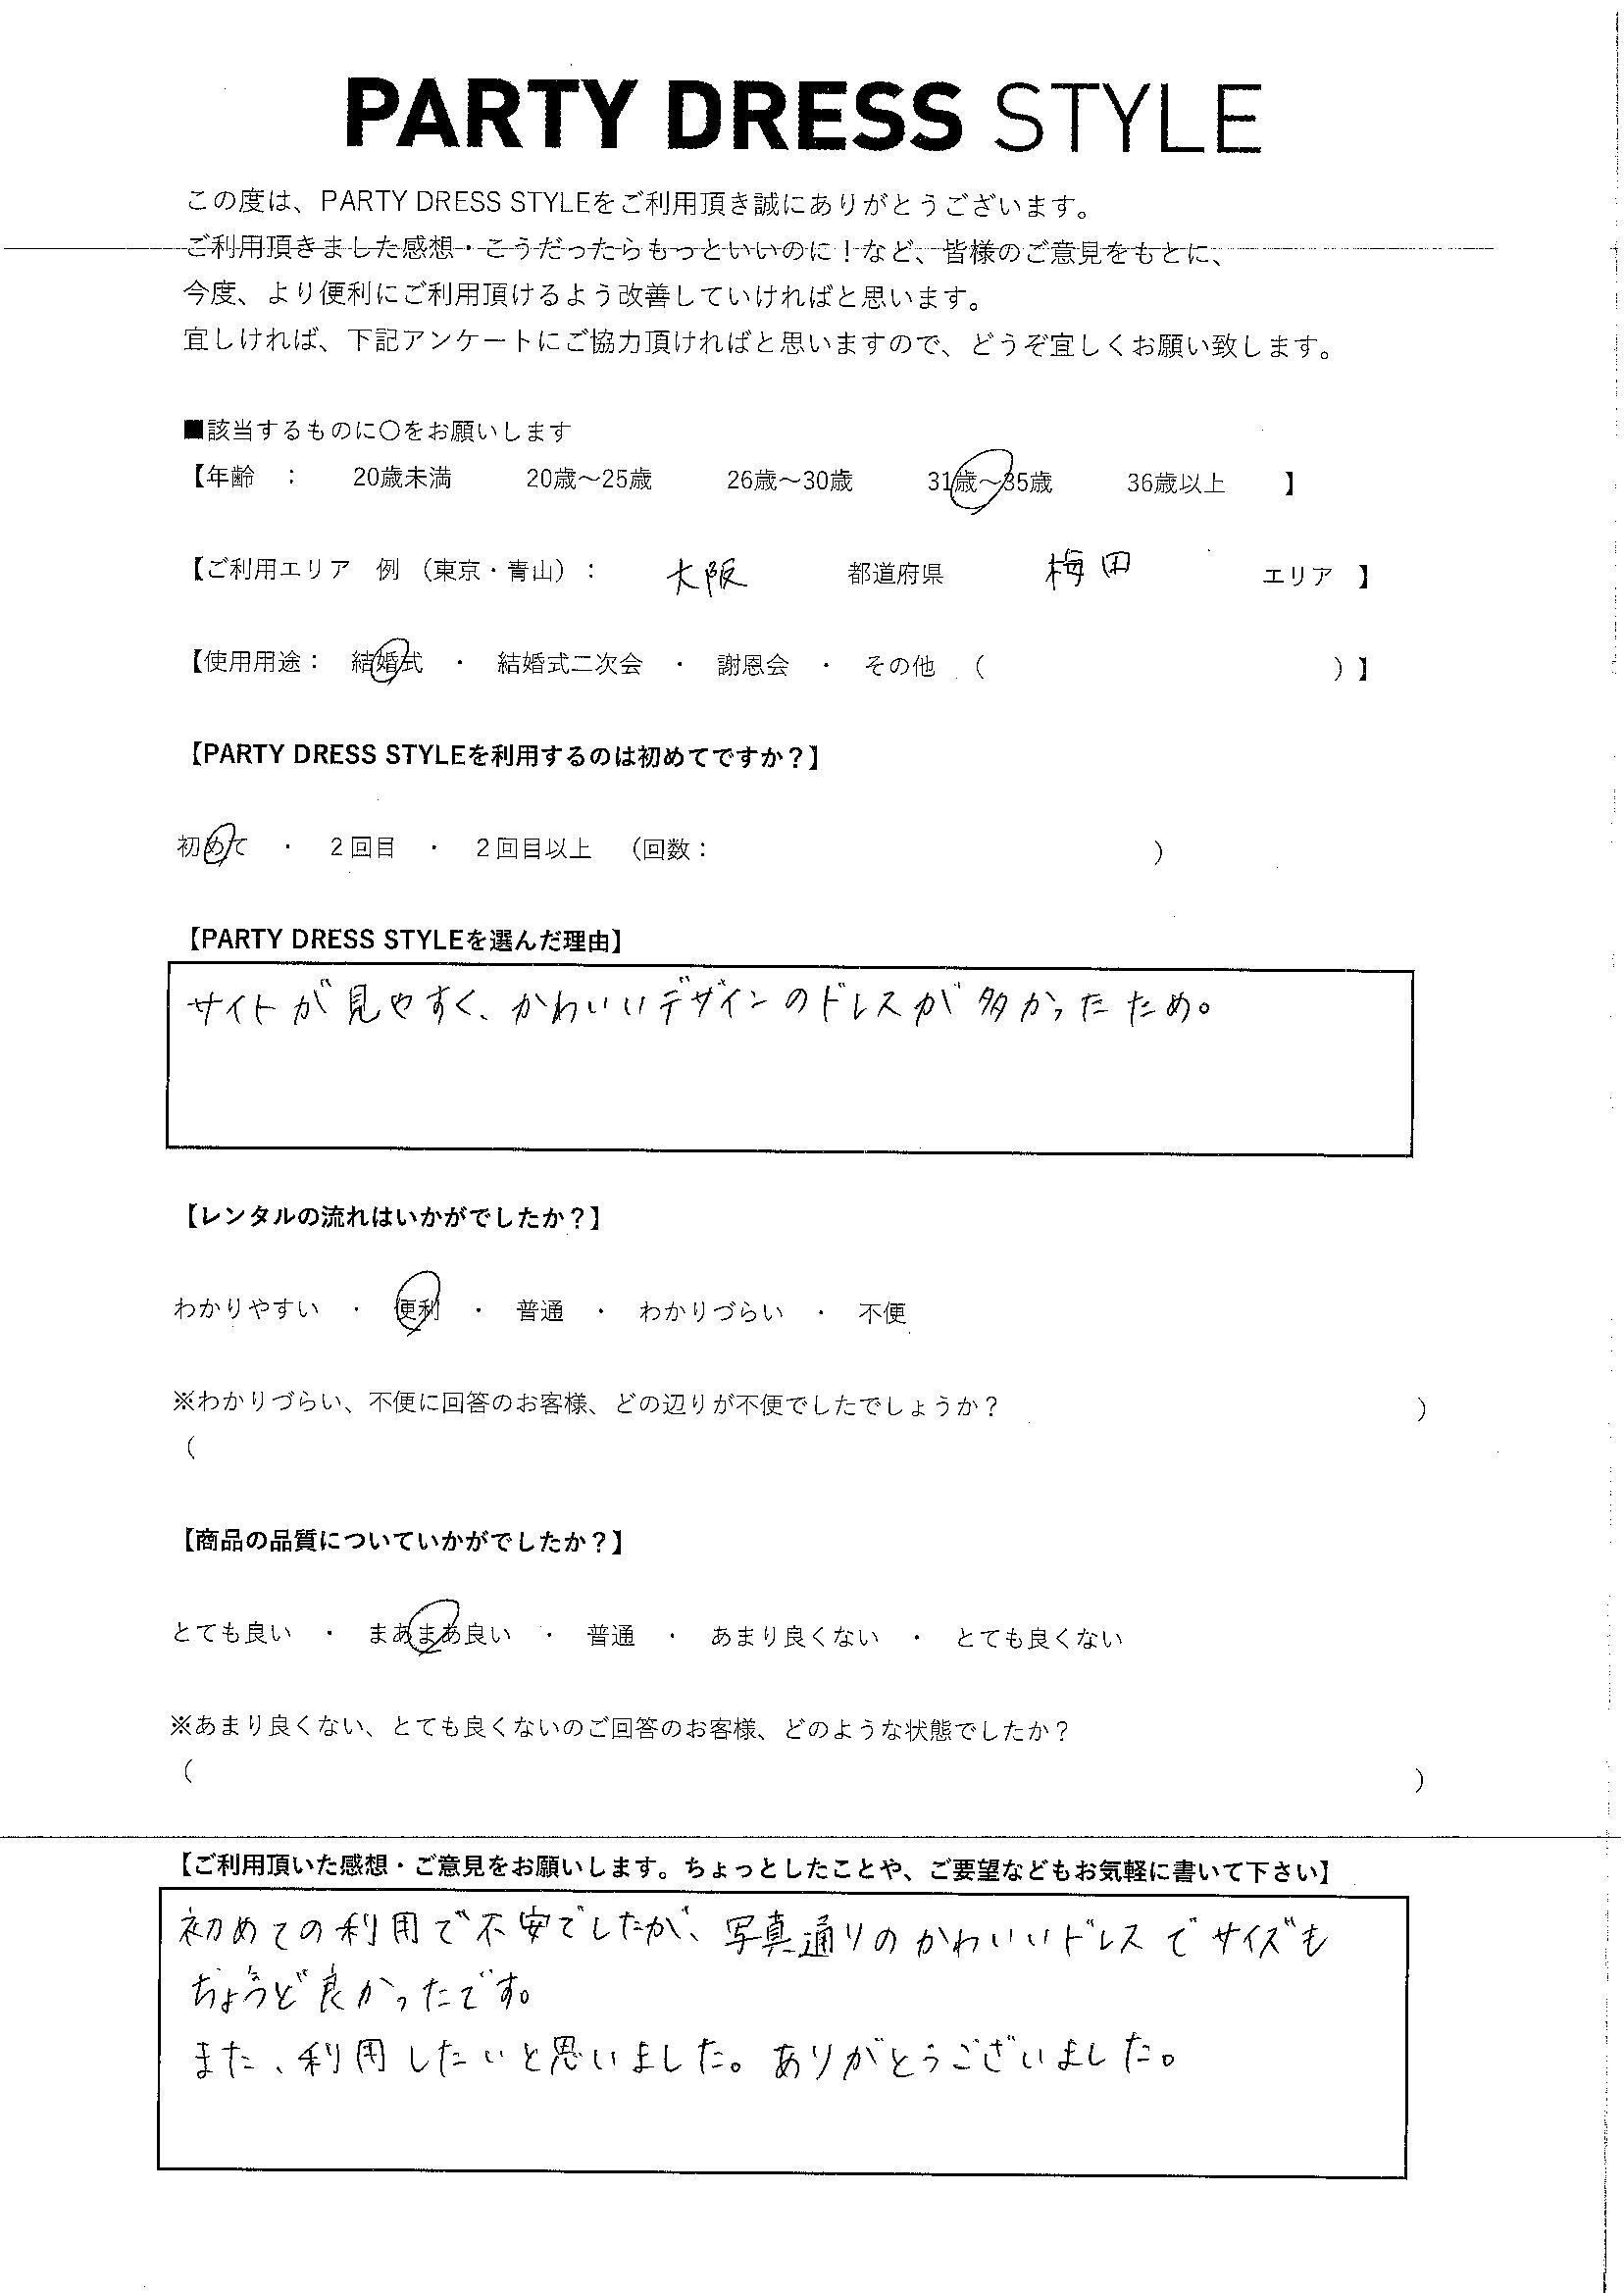 12/21結婚式ご利用 大阪・梅田エリア